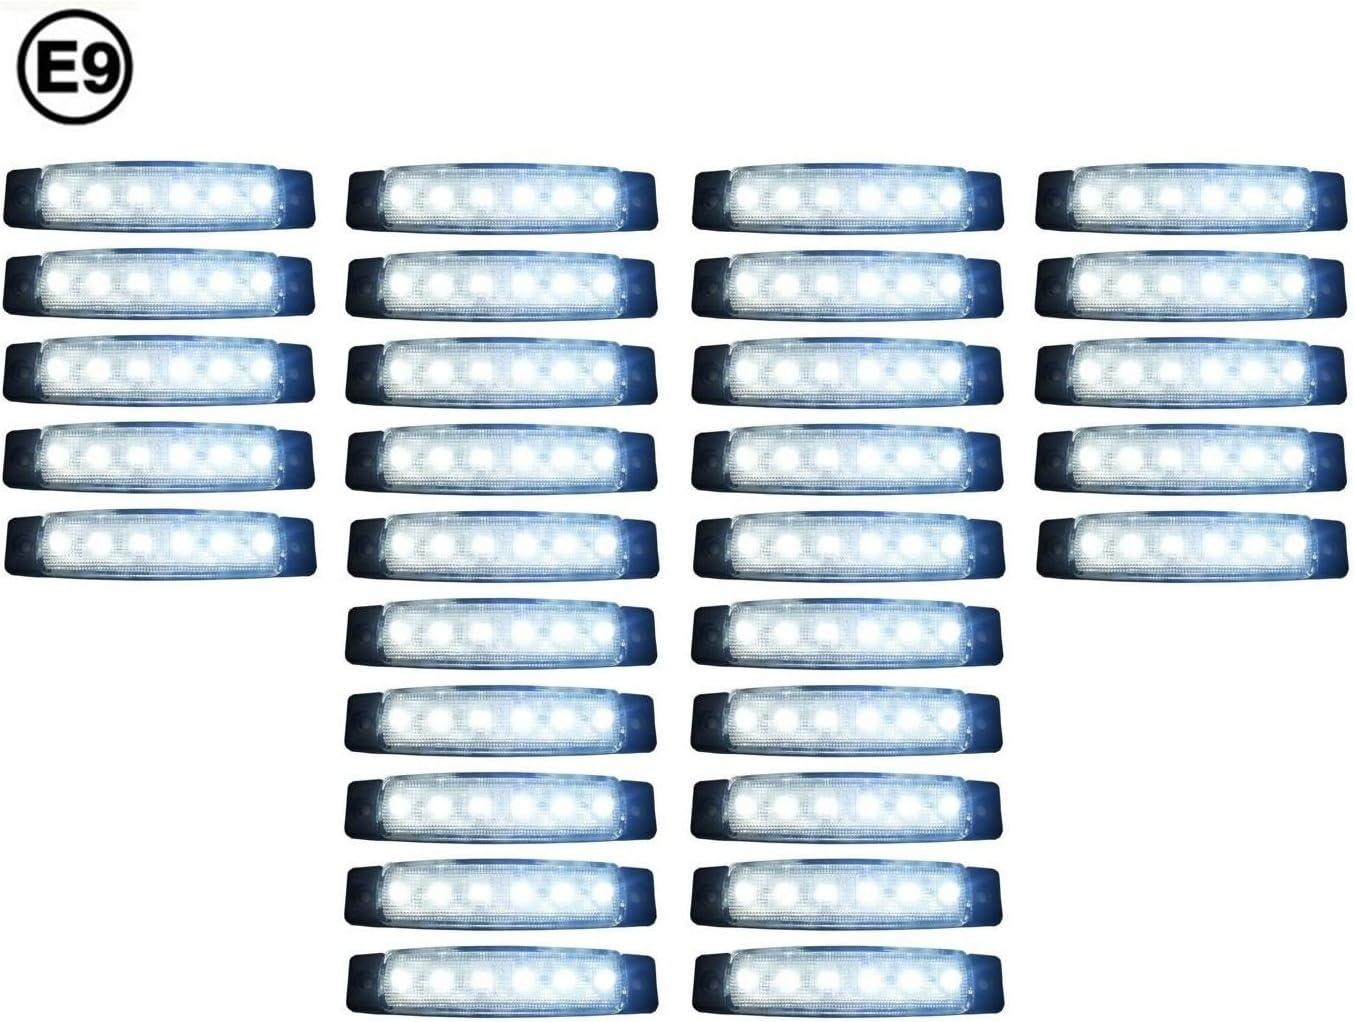 30 X Led 24v Begrenzungsleuchte Positionsleuchte Seitenmarkierungsleuchte Lkw Auto